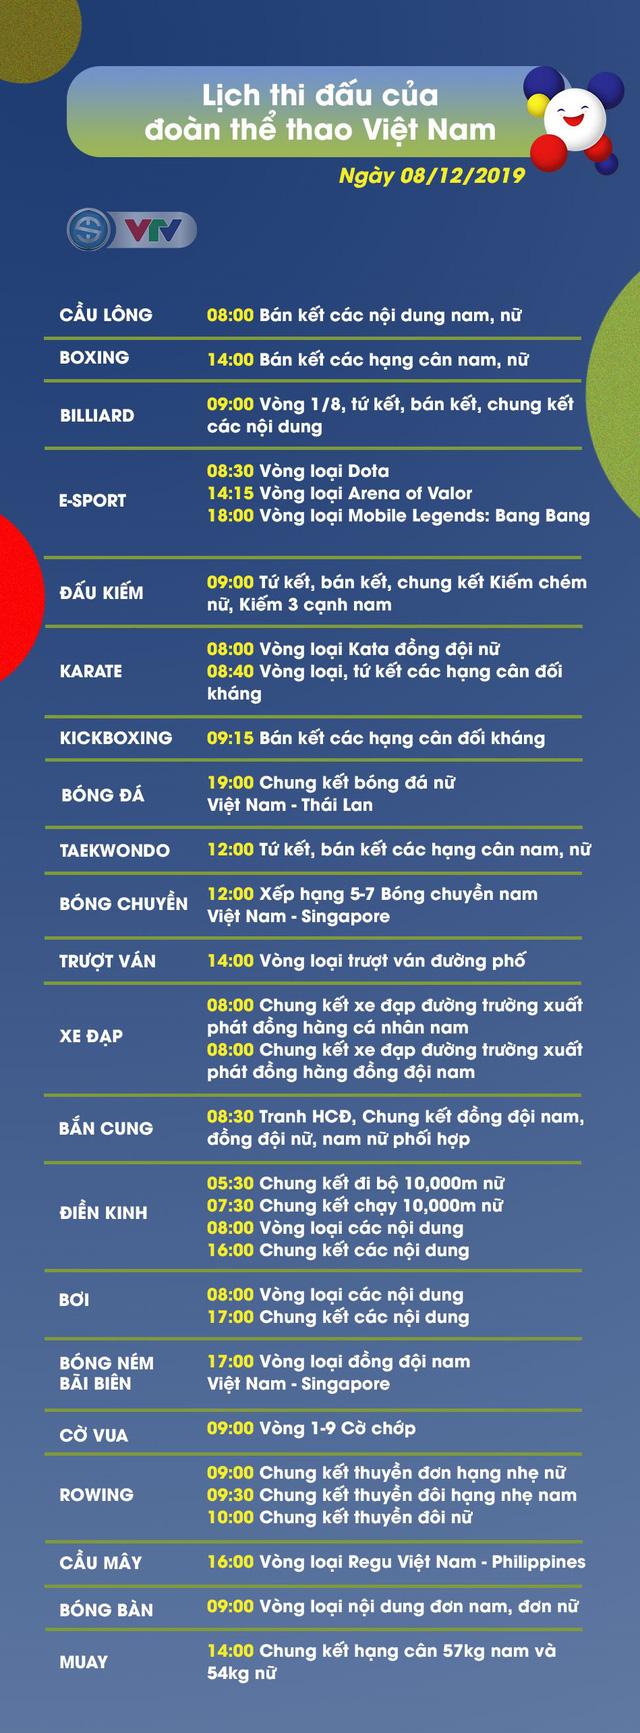 Lịch thi đấu ngày 08/12 của Đoàn Thể thao Việt Nam tại SEA Games 30 - Ảnh 1.